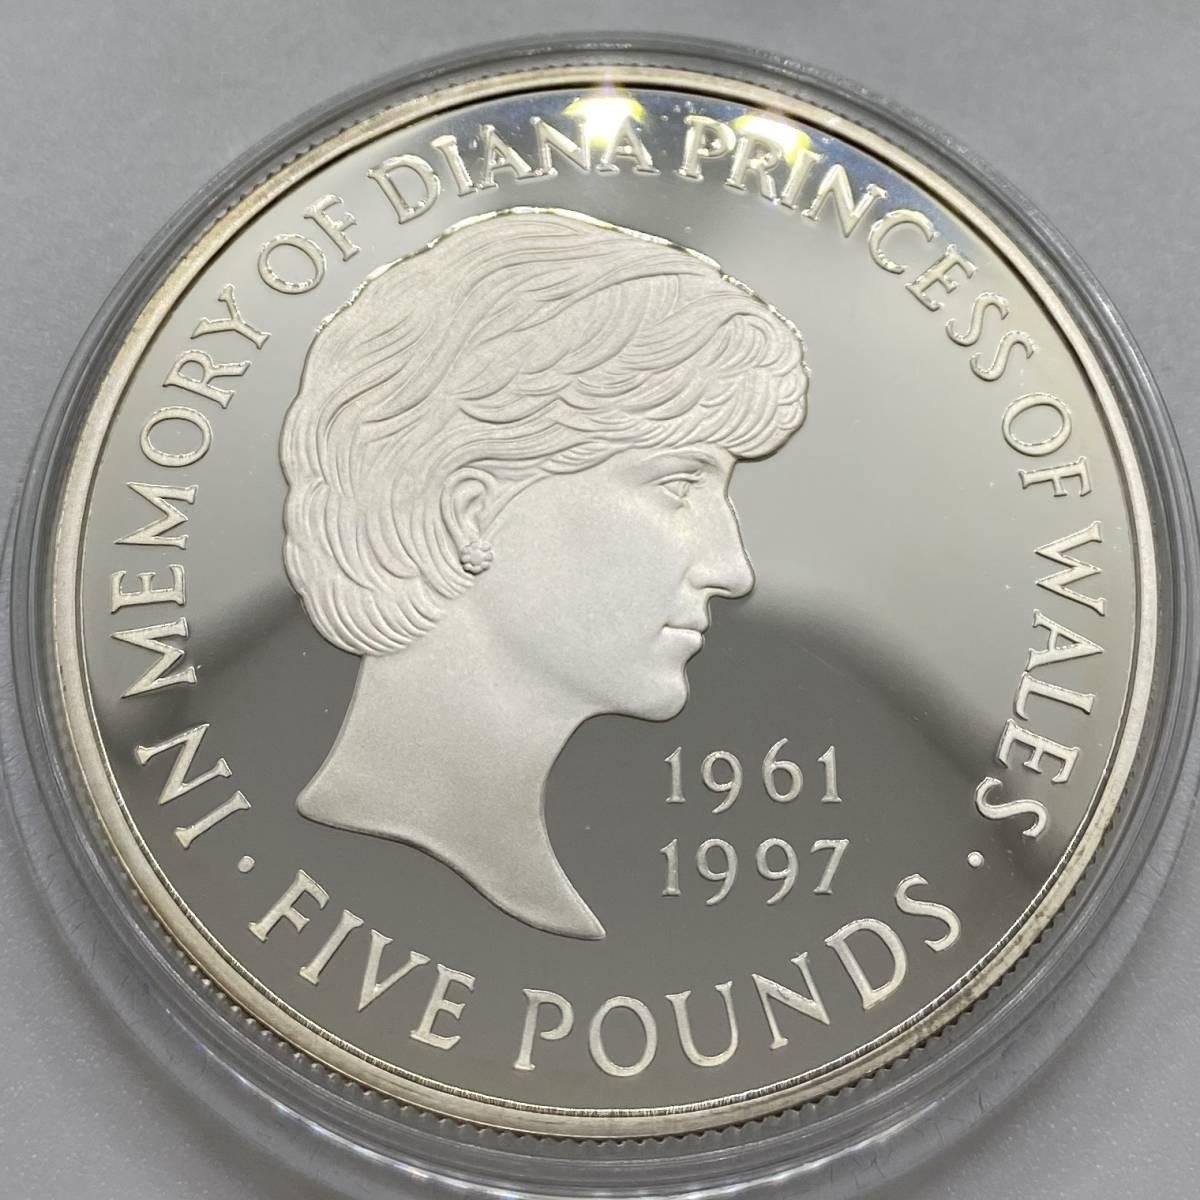 イギリス 1999年 5ポンド銀貨 ダイアナ プルーフ オリジナルケース COA